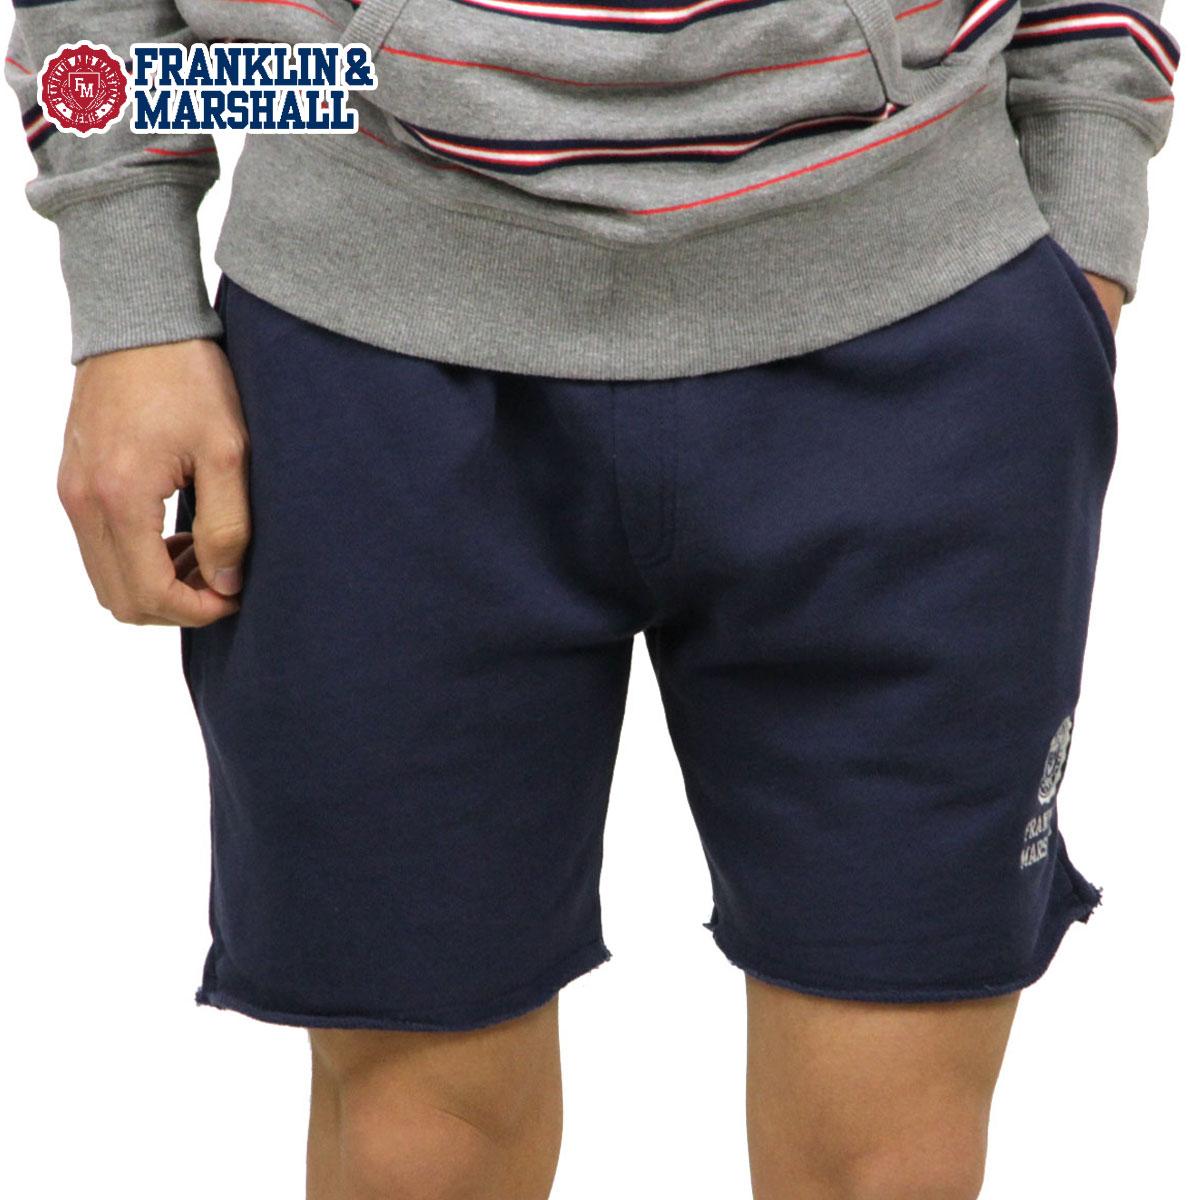 フランクリン マーシャル ショートパンツ メンズ 正規販売店 FRANKLIN&MARSHALL ハーフパンツ ボトムス FLEECE PANTS NAVY SFMF227AN 0167